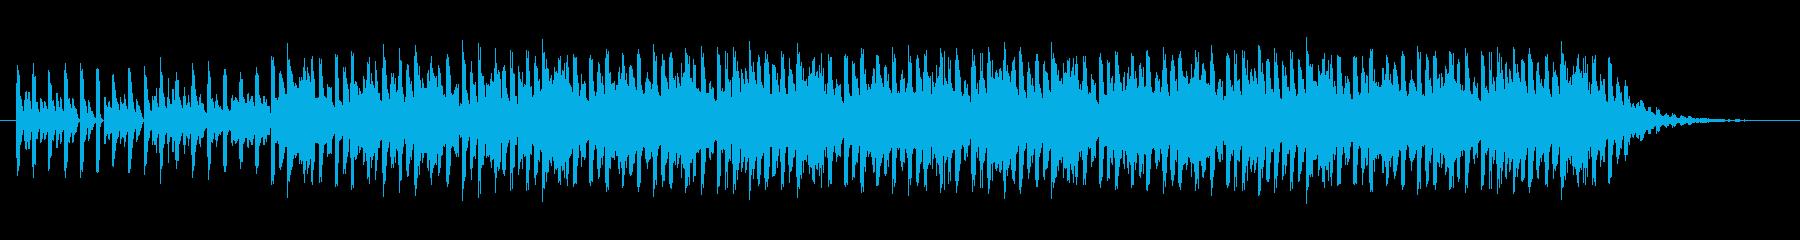 ショートBGM:テクノポップ01の再生済みの波形